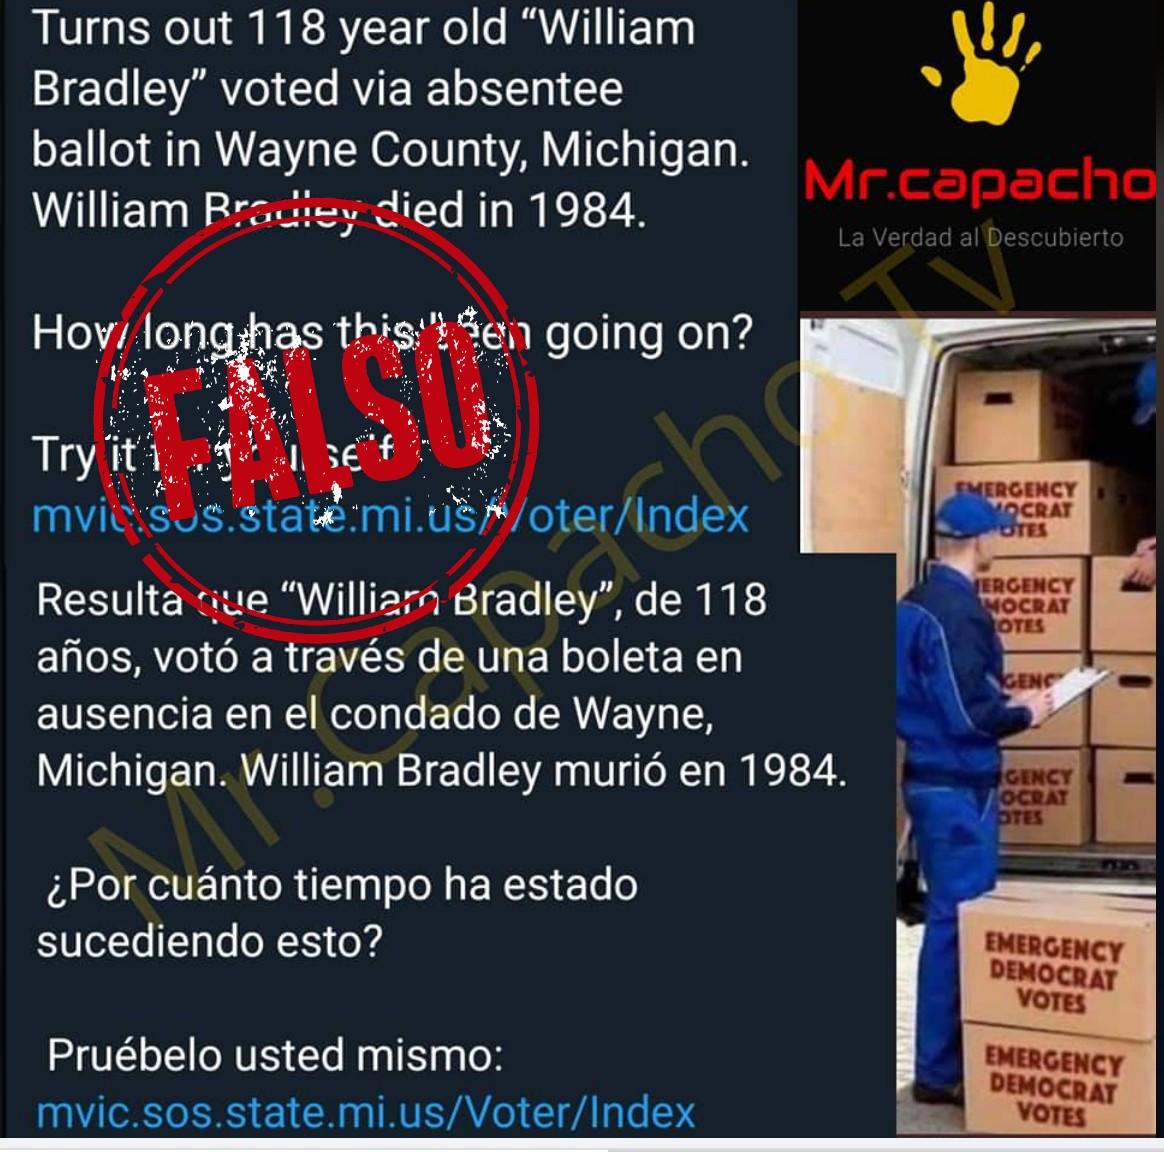 Pantallazo de publicación falsa de Mr capacho sobre fraude en elecciones en EE.UU.